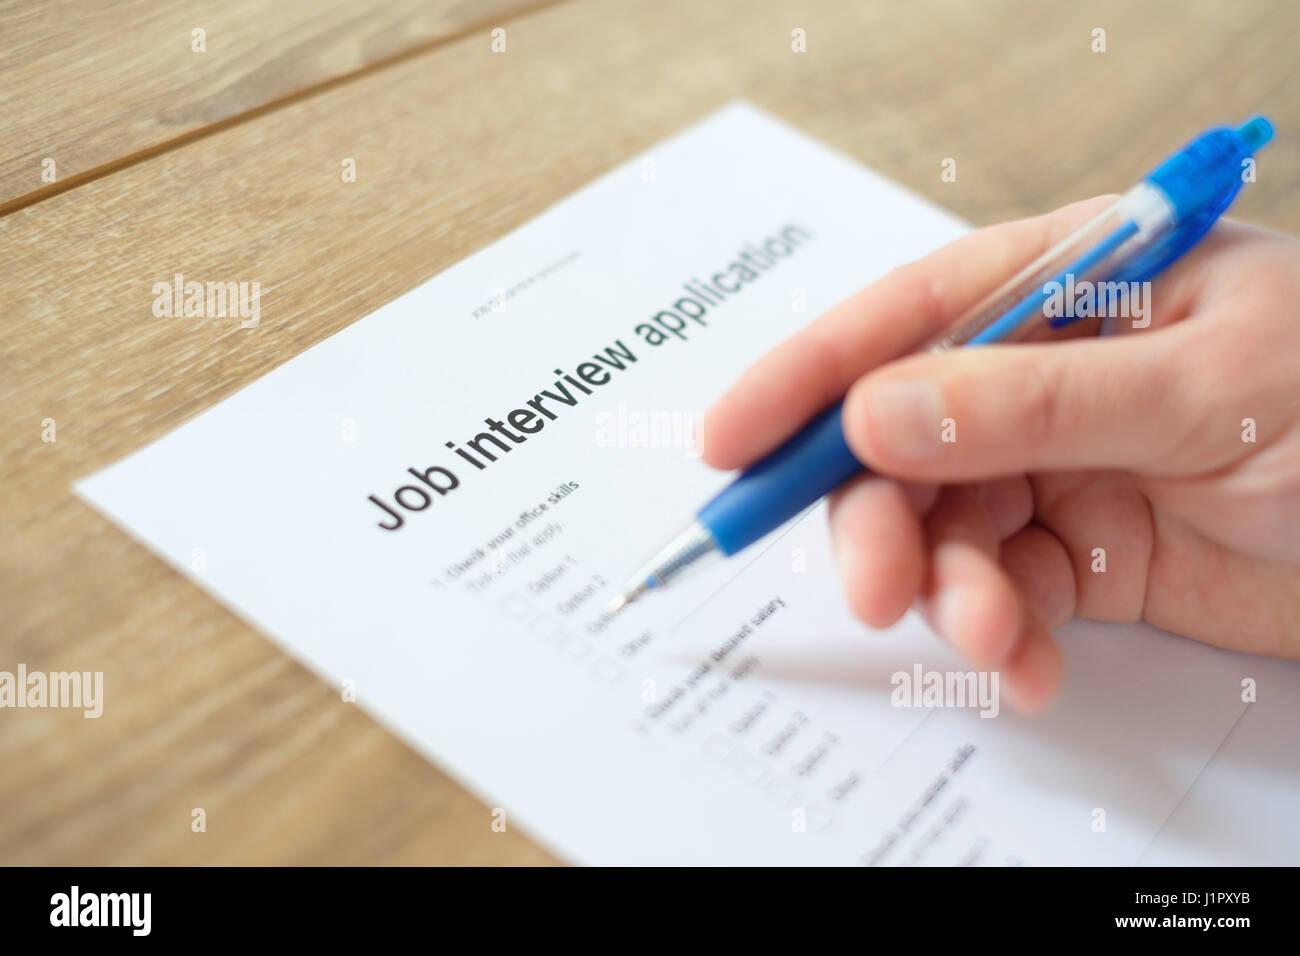 L'homme répondant à l'emploi cv demande d'emploi Photo Stock